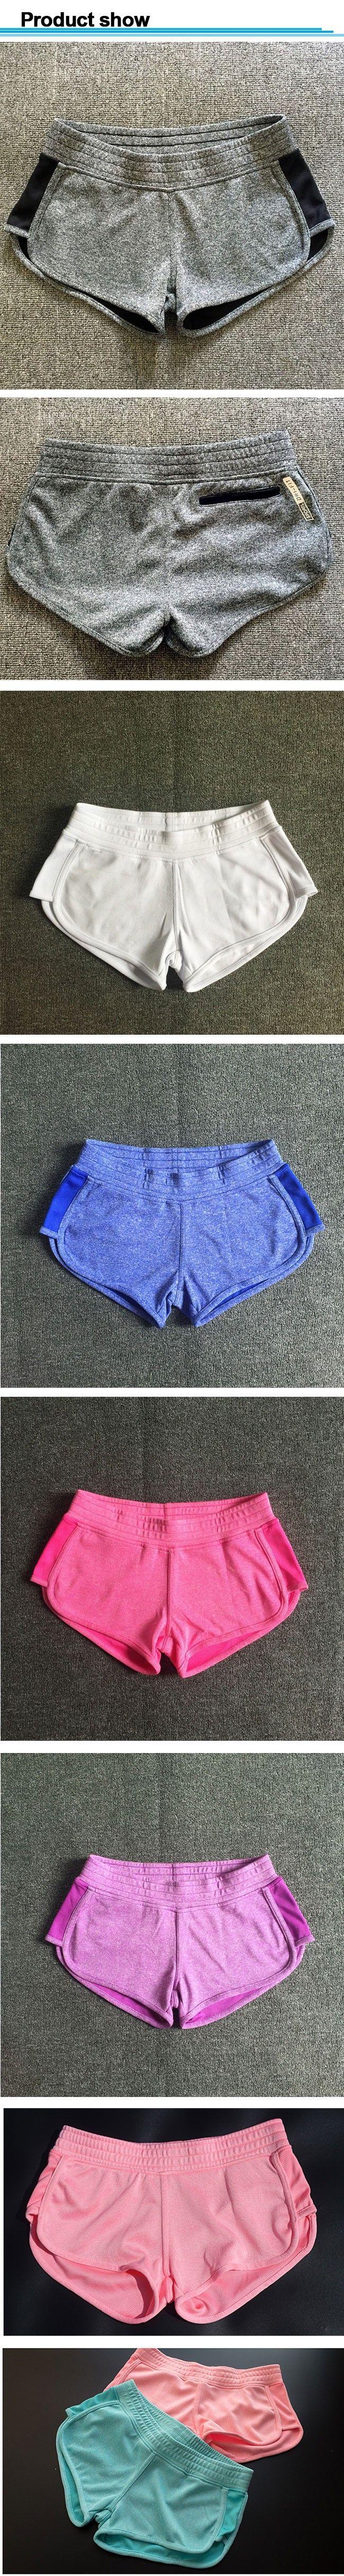 Aliexpress.com: Comprar Mujeres pantalones cortos para correr gimnasio deporte ocio cintura elástica mujeres Shorts mujer ocasional Yo Ga corto Feminino de pantalones cortos de invierno fiable proveedores en Modern Paradise